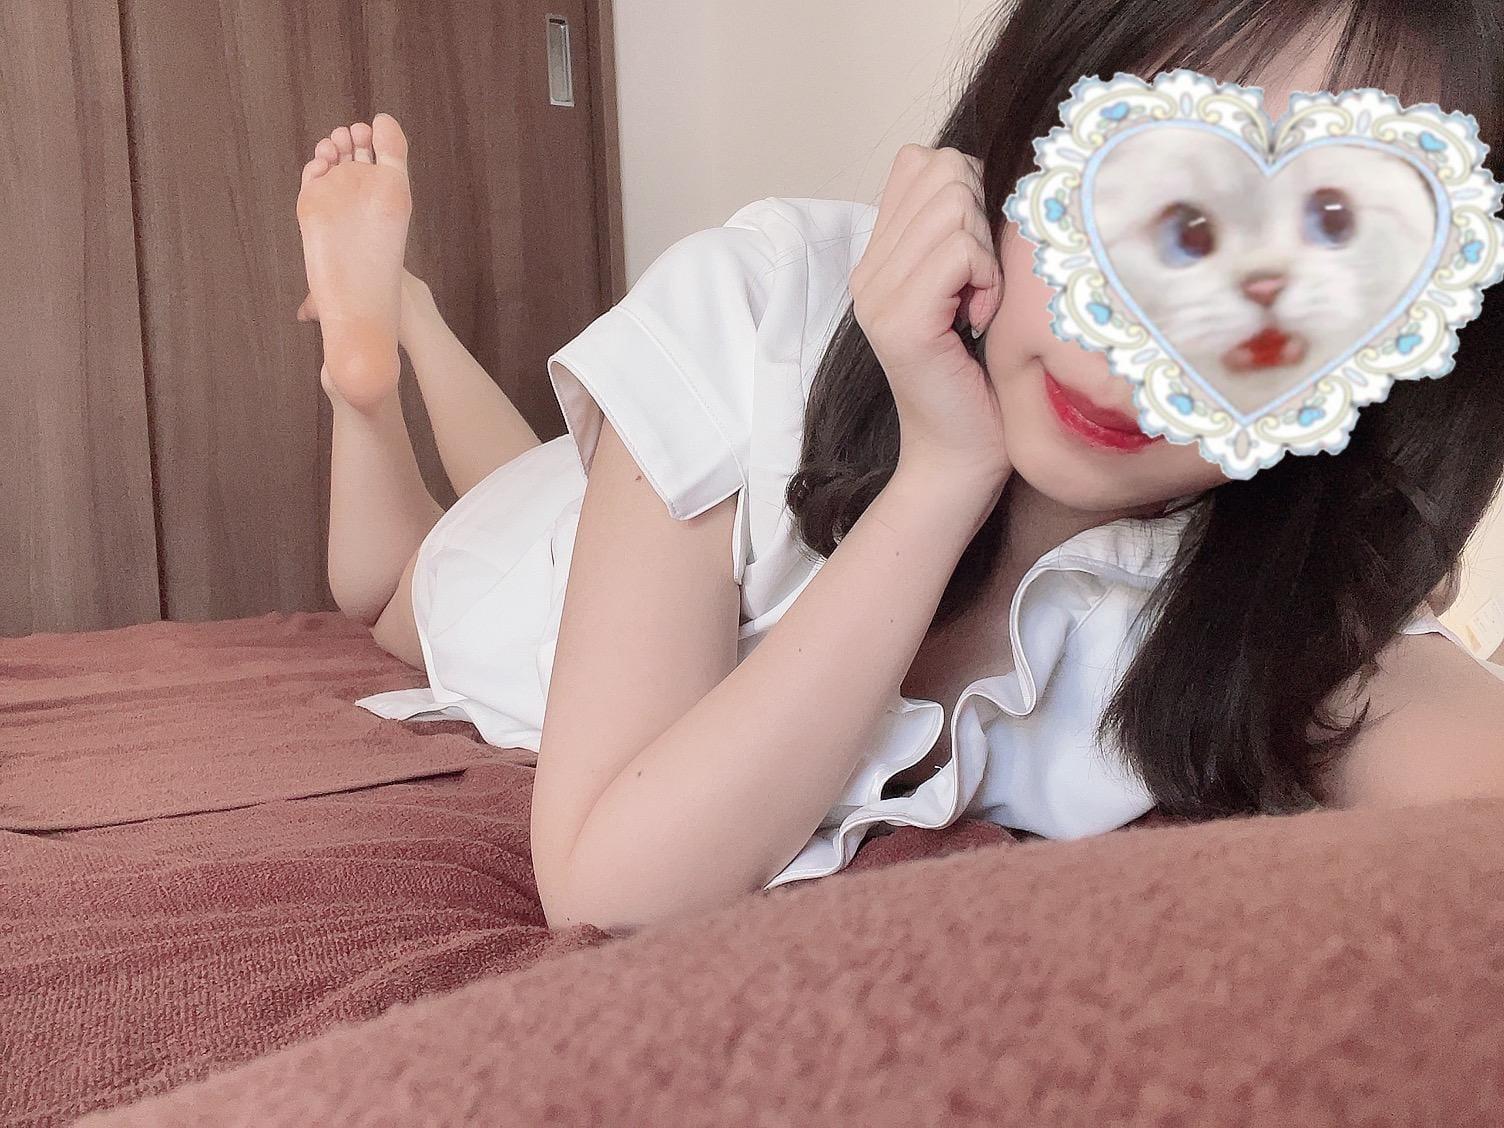 れな「おはよう!」05/16(日) 17:02 | れなの写メ